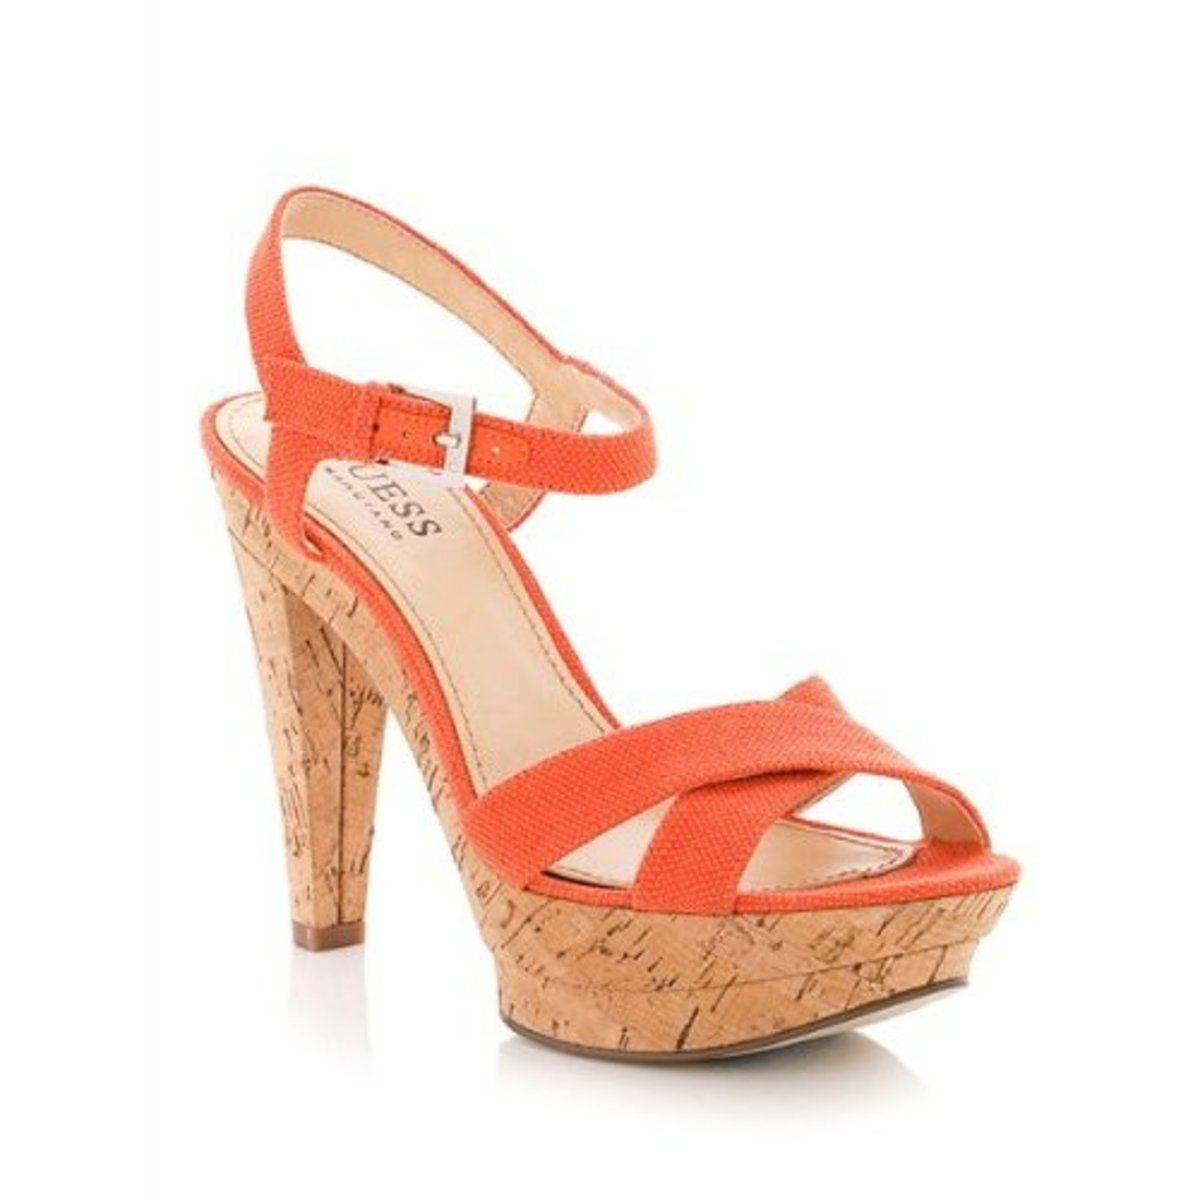 adding-orange-shoes-into-your-wardrobe_